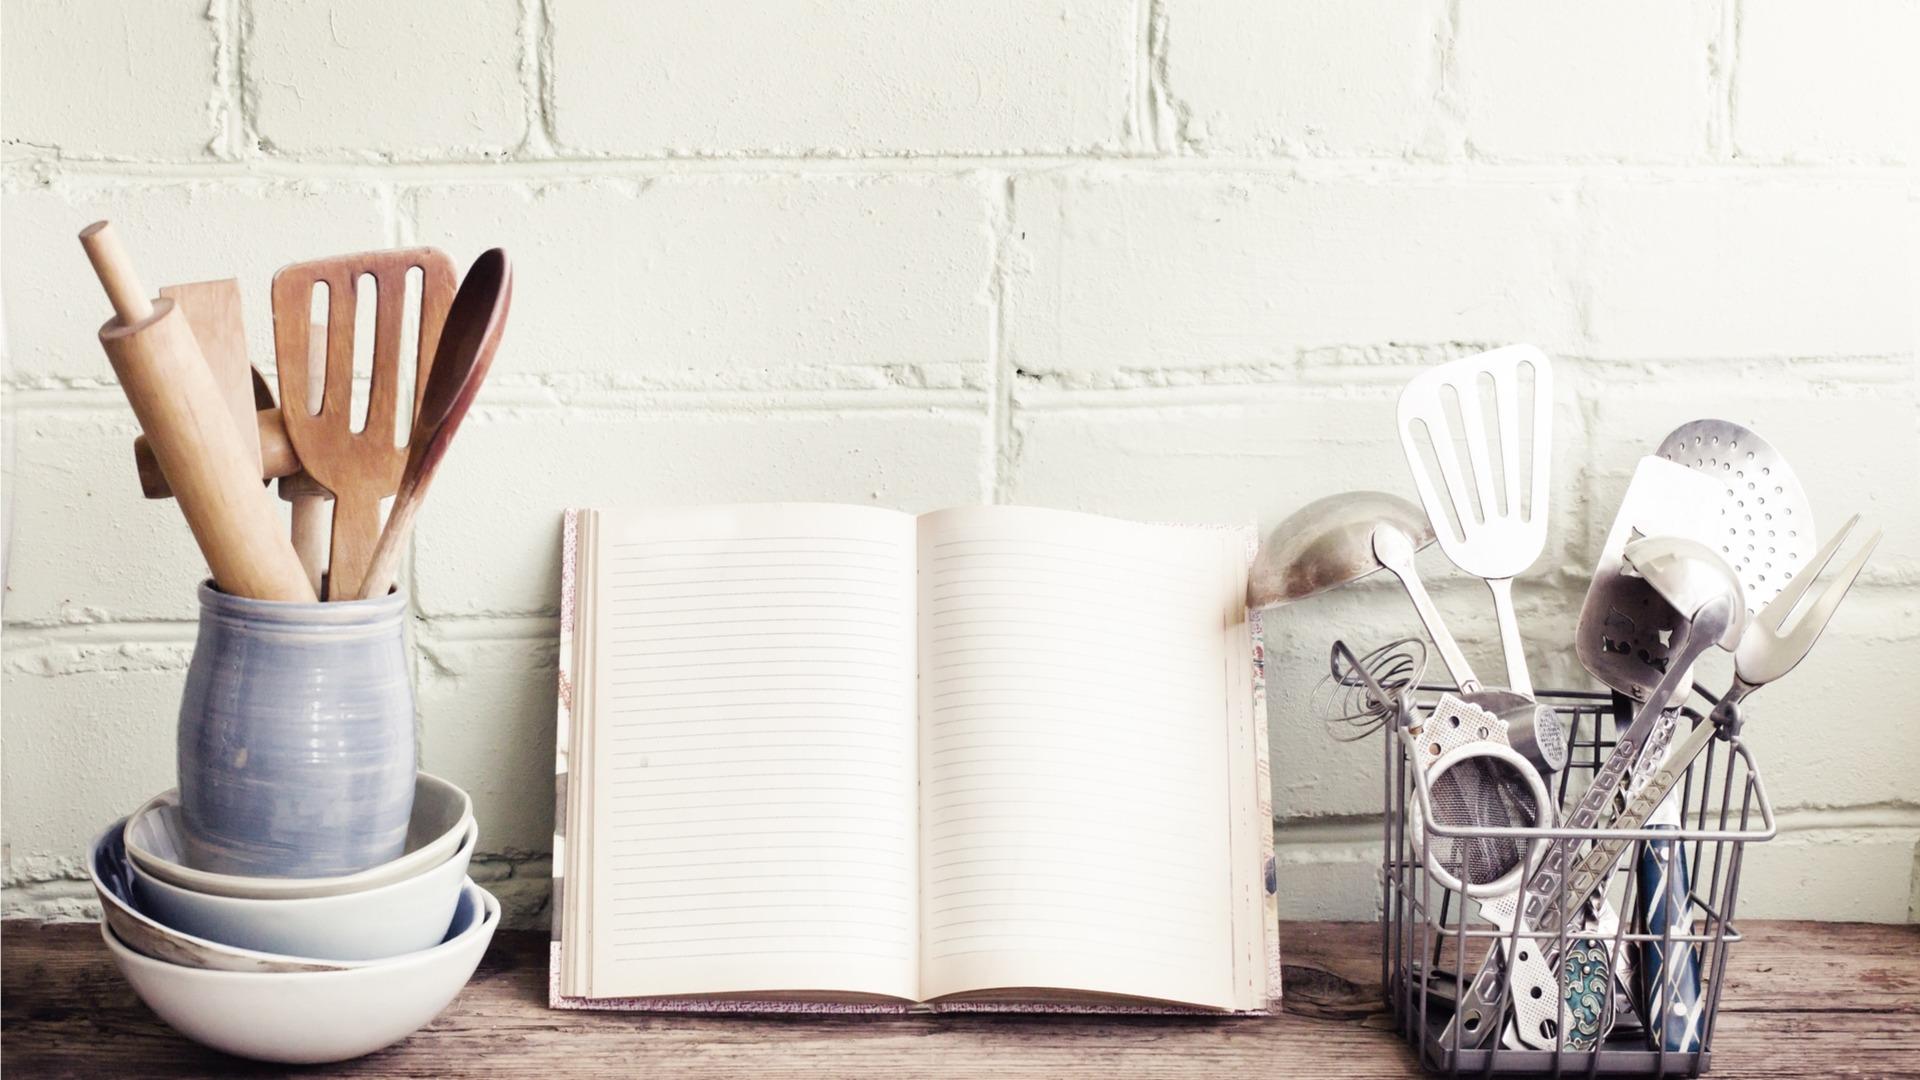 Cookbook and utensils